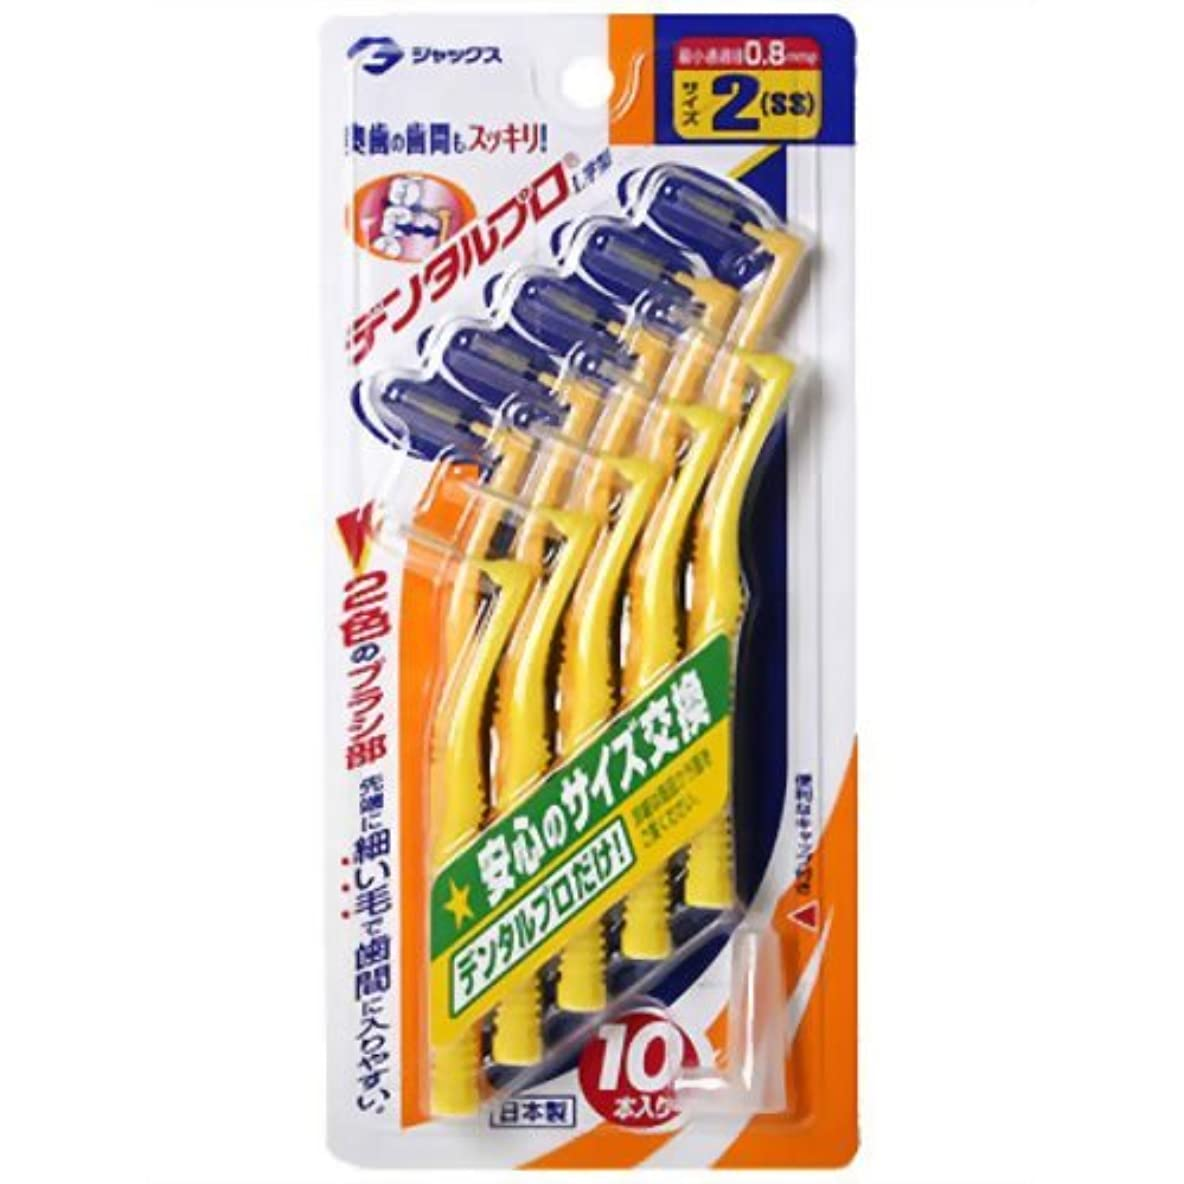 ジャーナリスト教義ブーストデンタルプロ L字型歯間ブラシ サイズ2(SS) ×6個セット